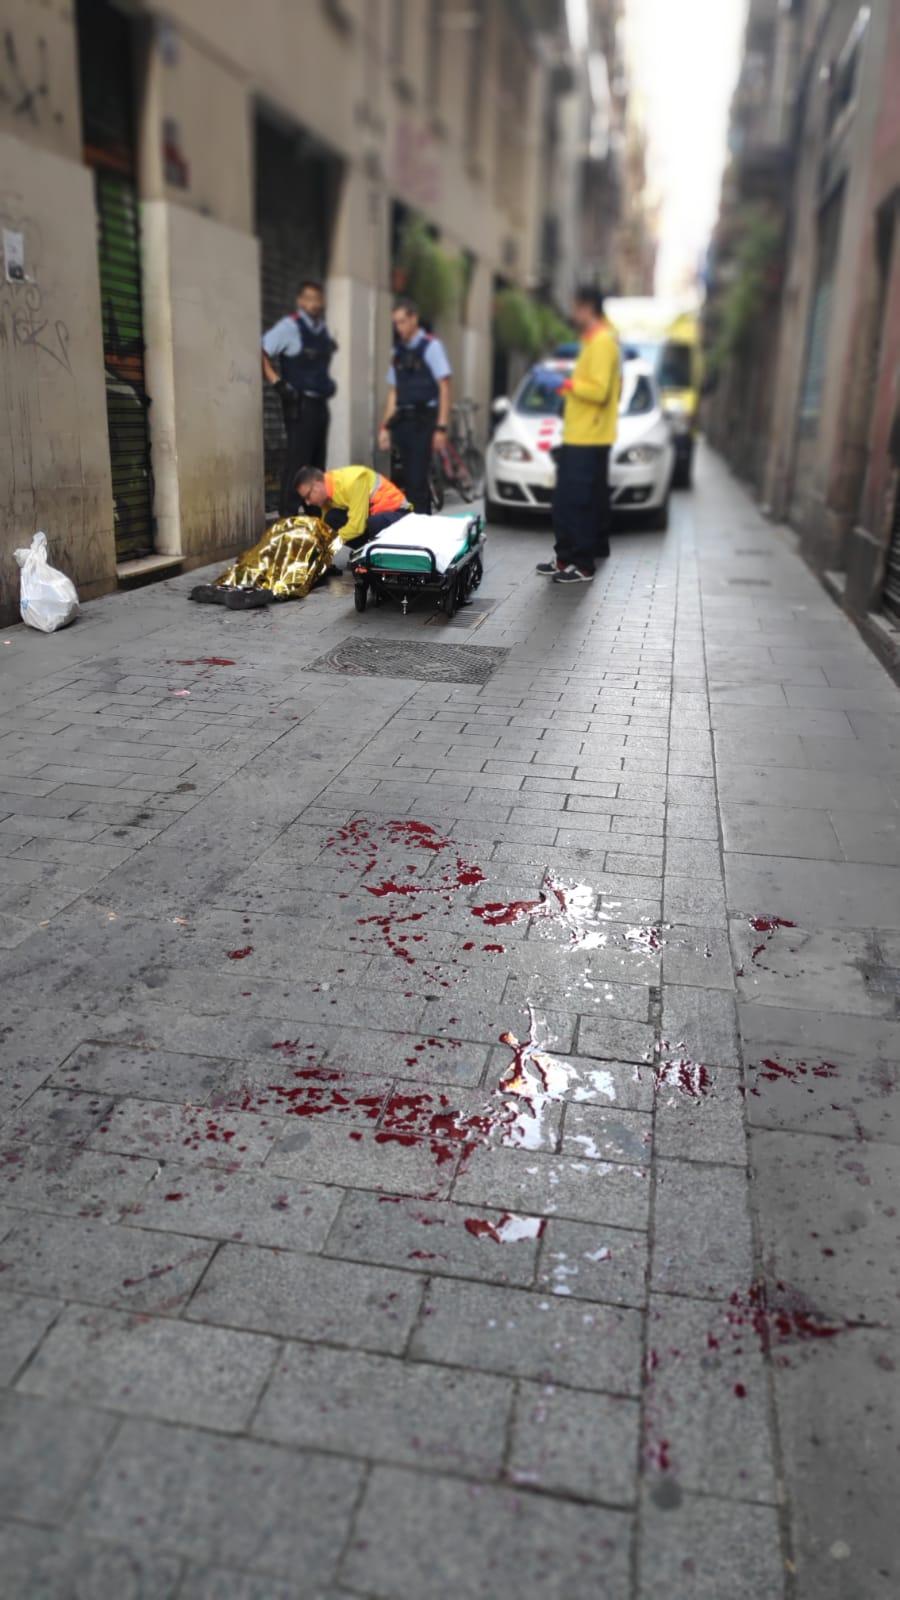 sangre-calle-barcelona-280918.jpg